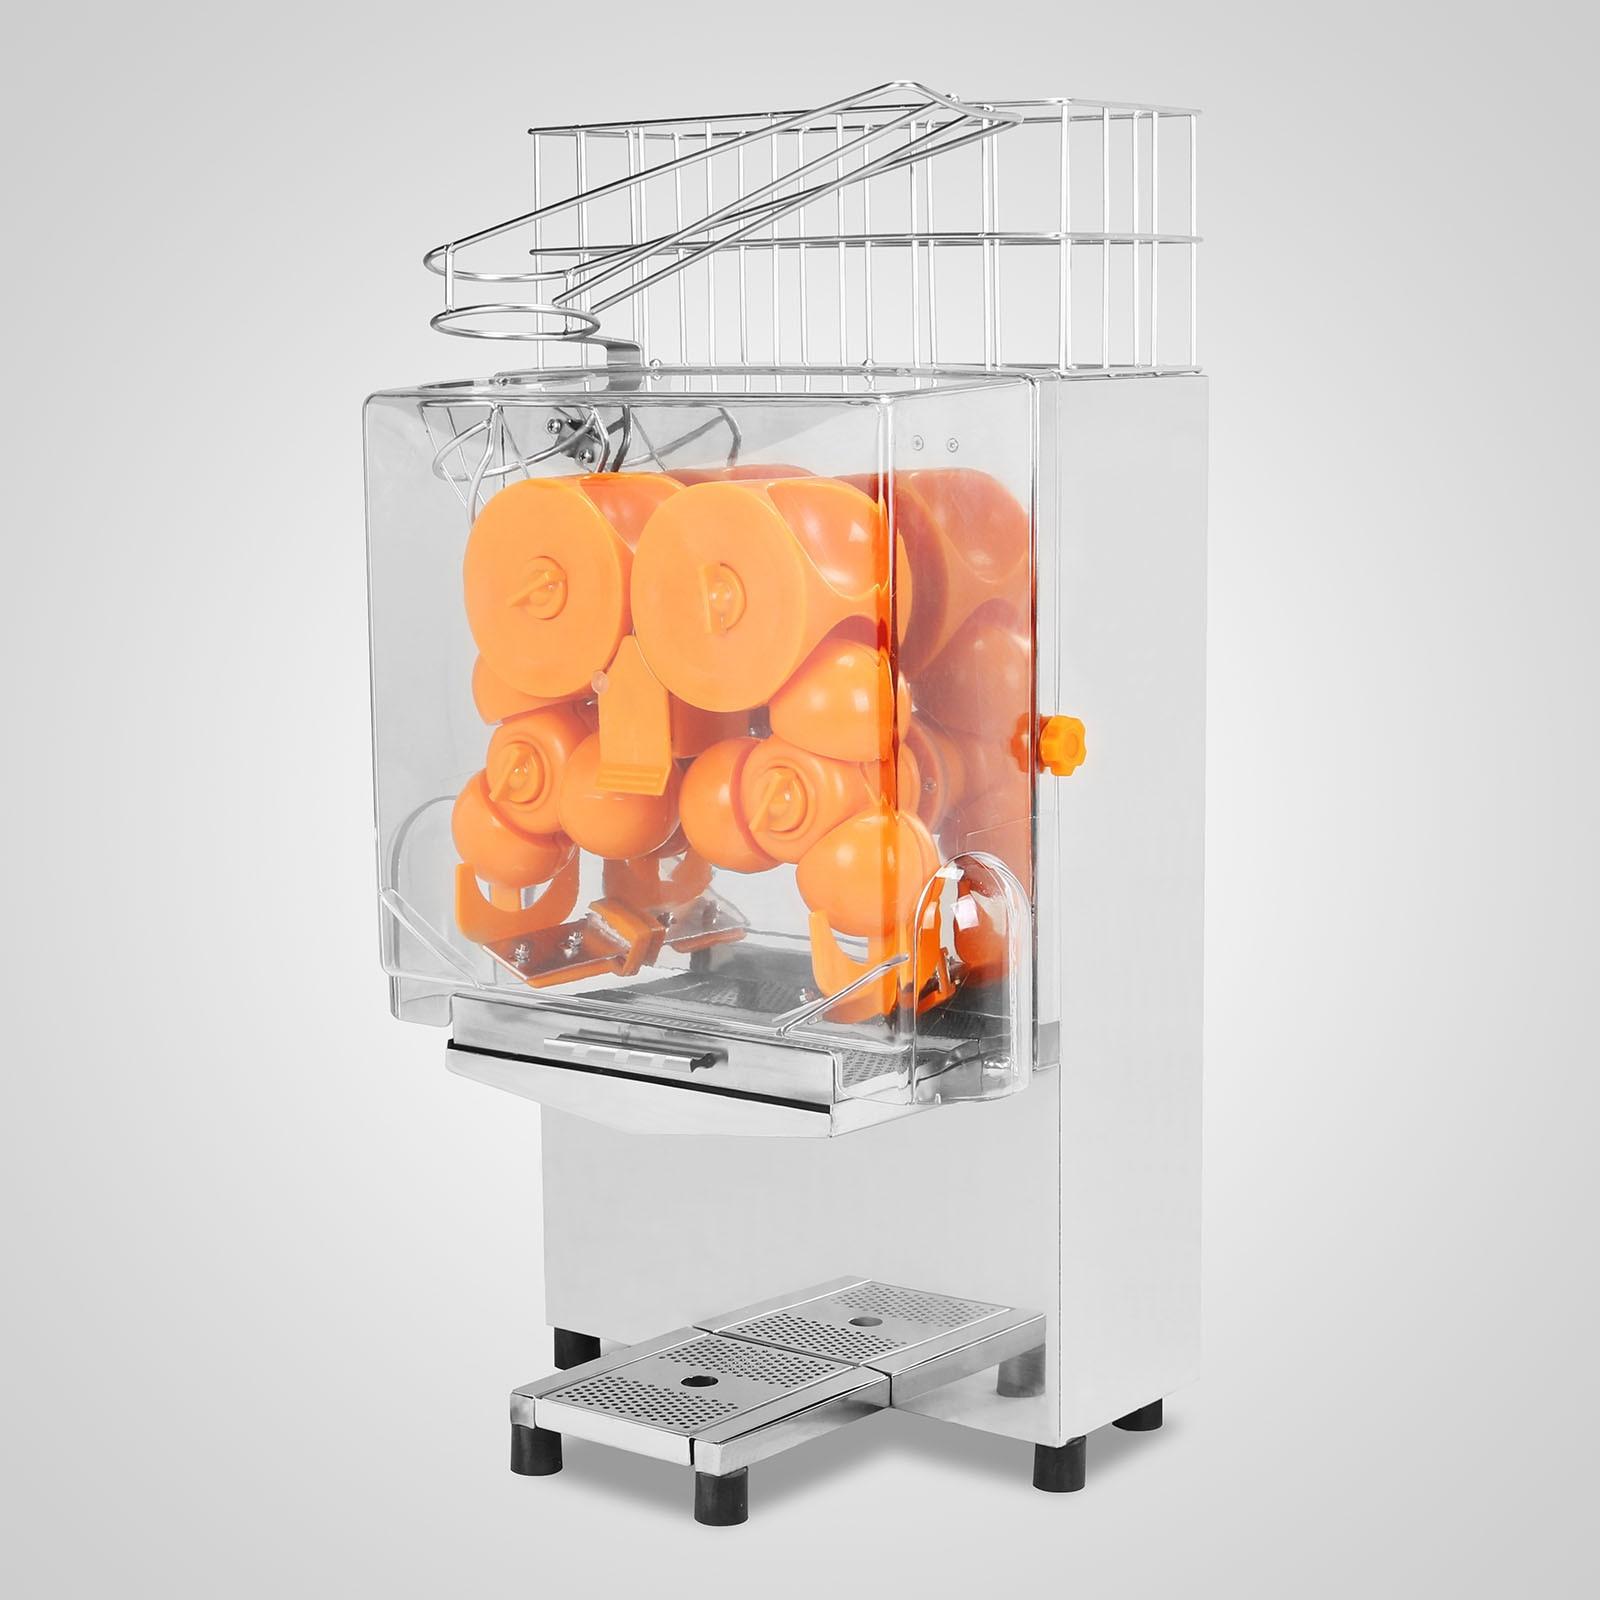 Автоматическая соковыжималка для апельсинов из нержавеющей стали 3